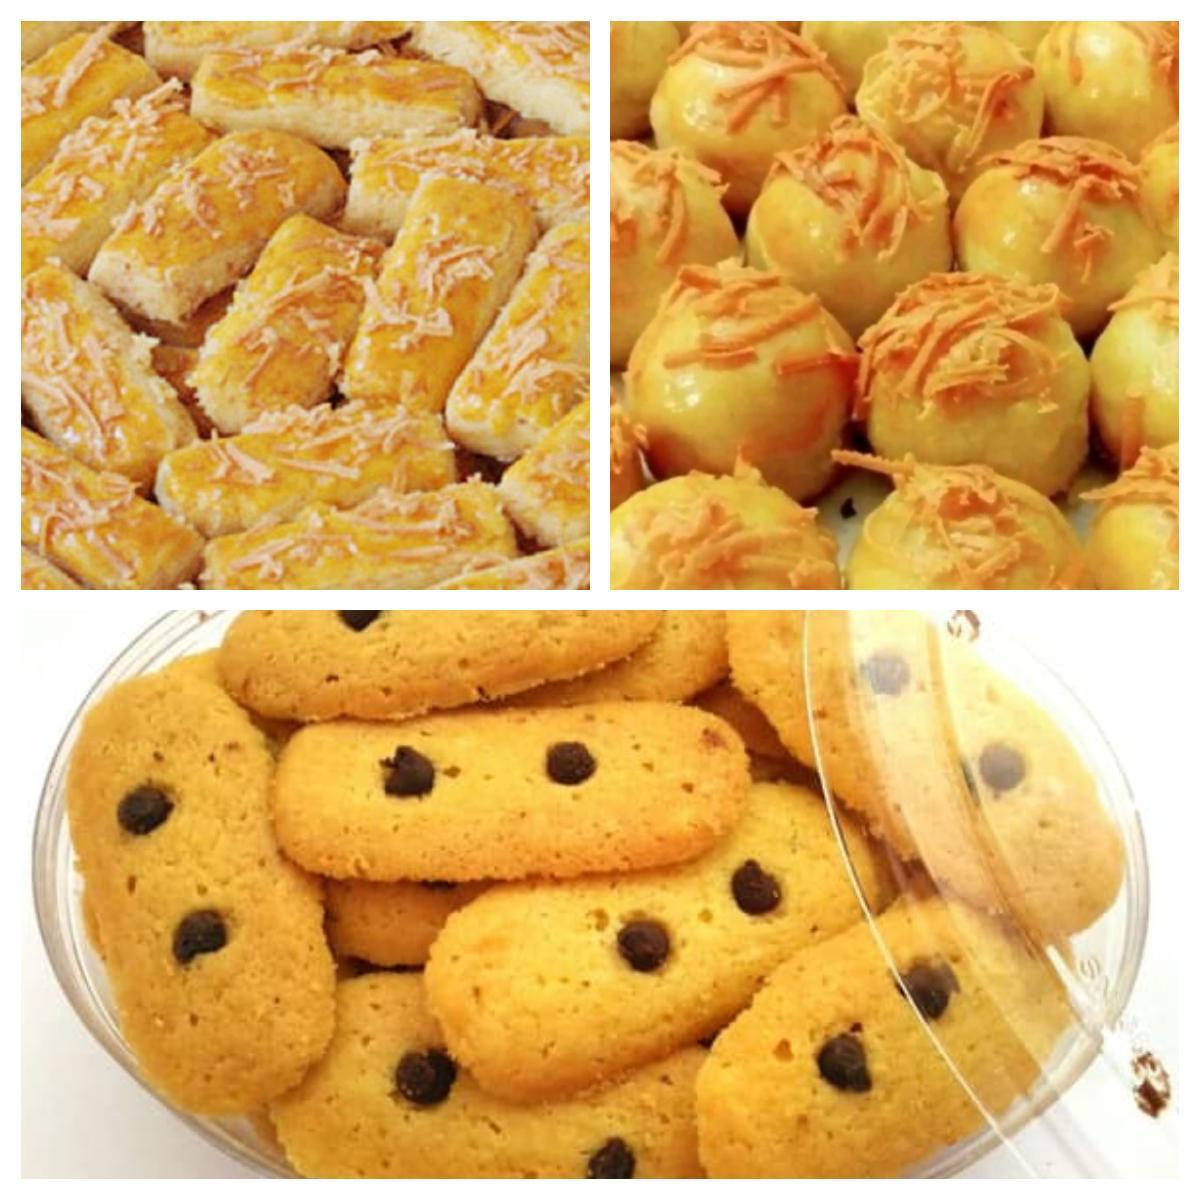 Paket Kue Kering Sarah Bakery - Kode Laku